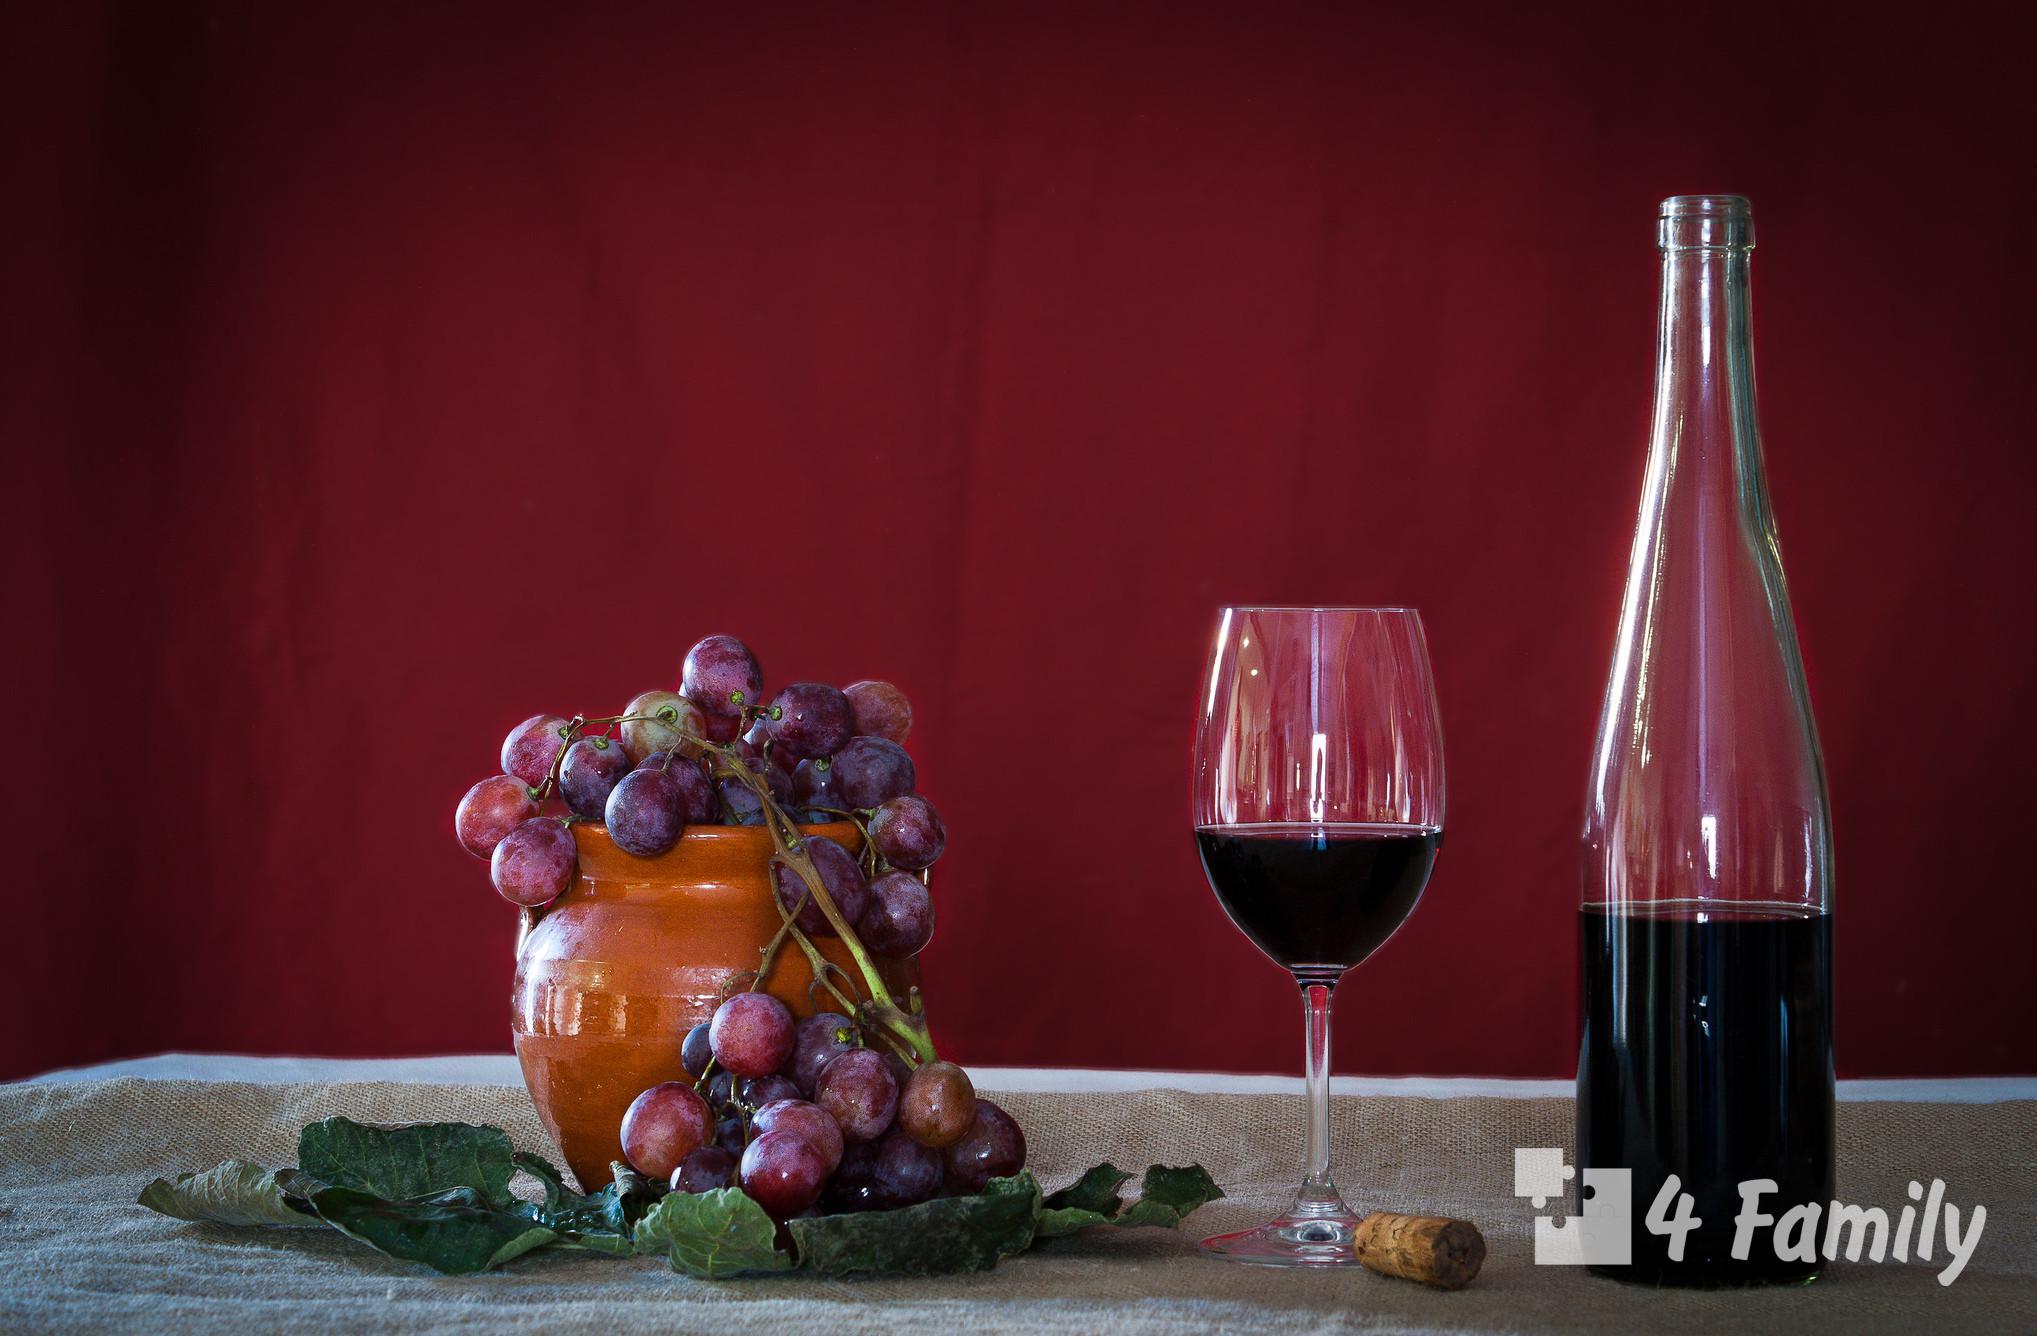 4family Как сделать вино из винограда в домашних условиях